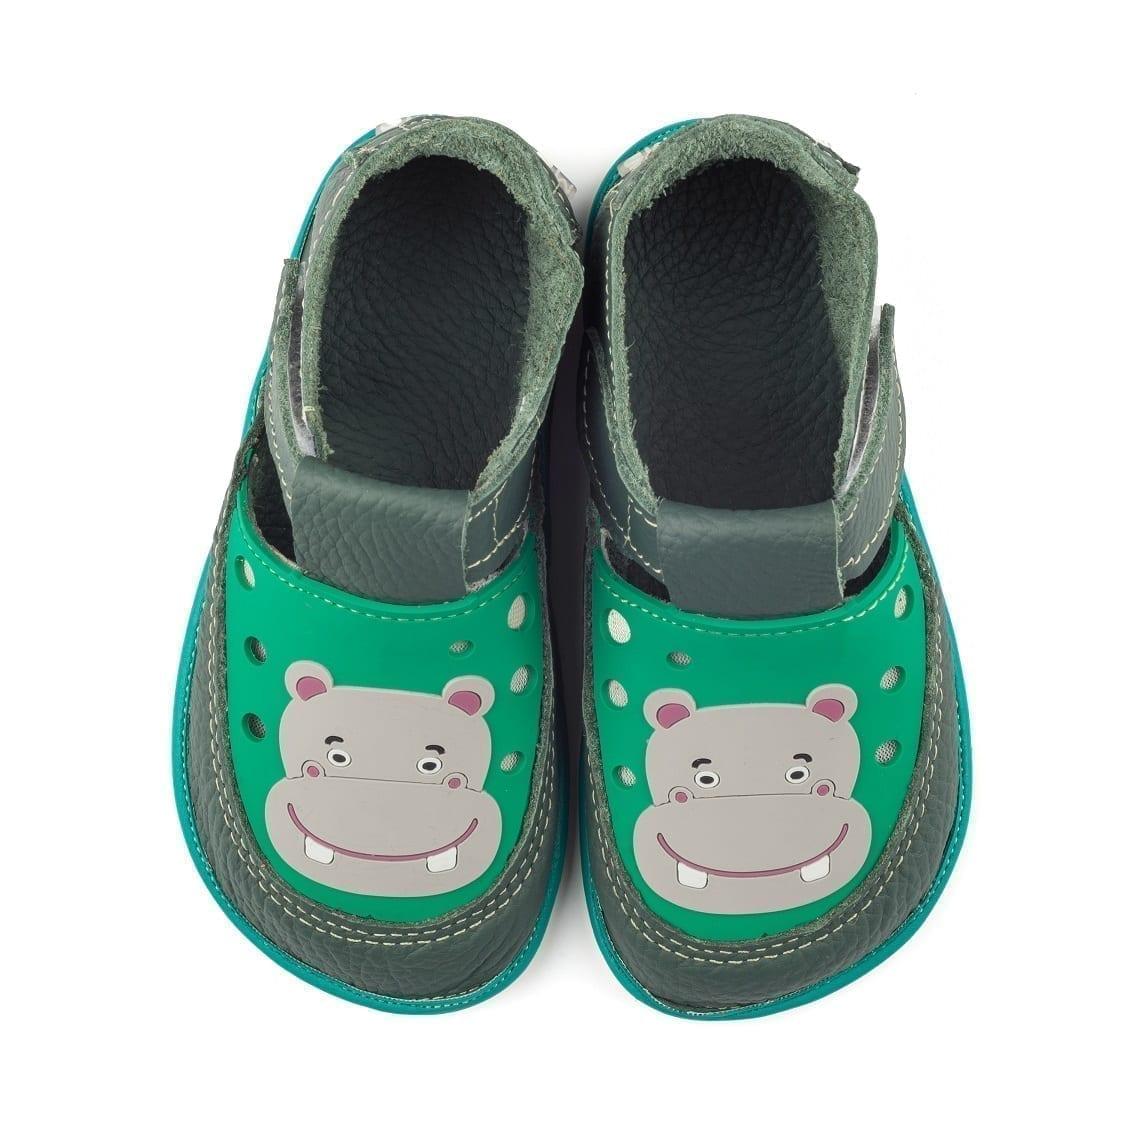 najzdrowsze buty dla dziecka - buty minimalistyczne Magical Shoes